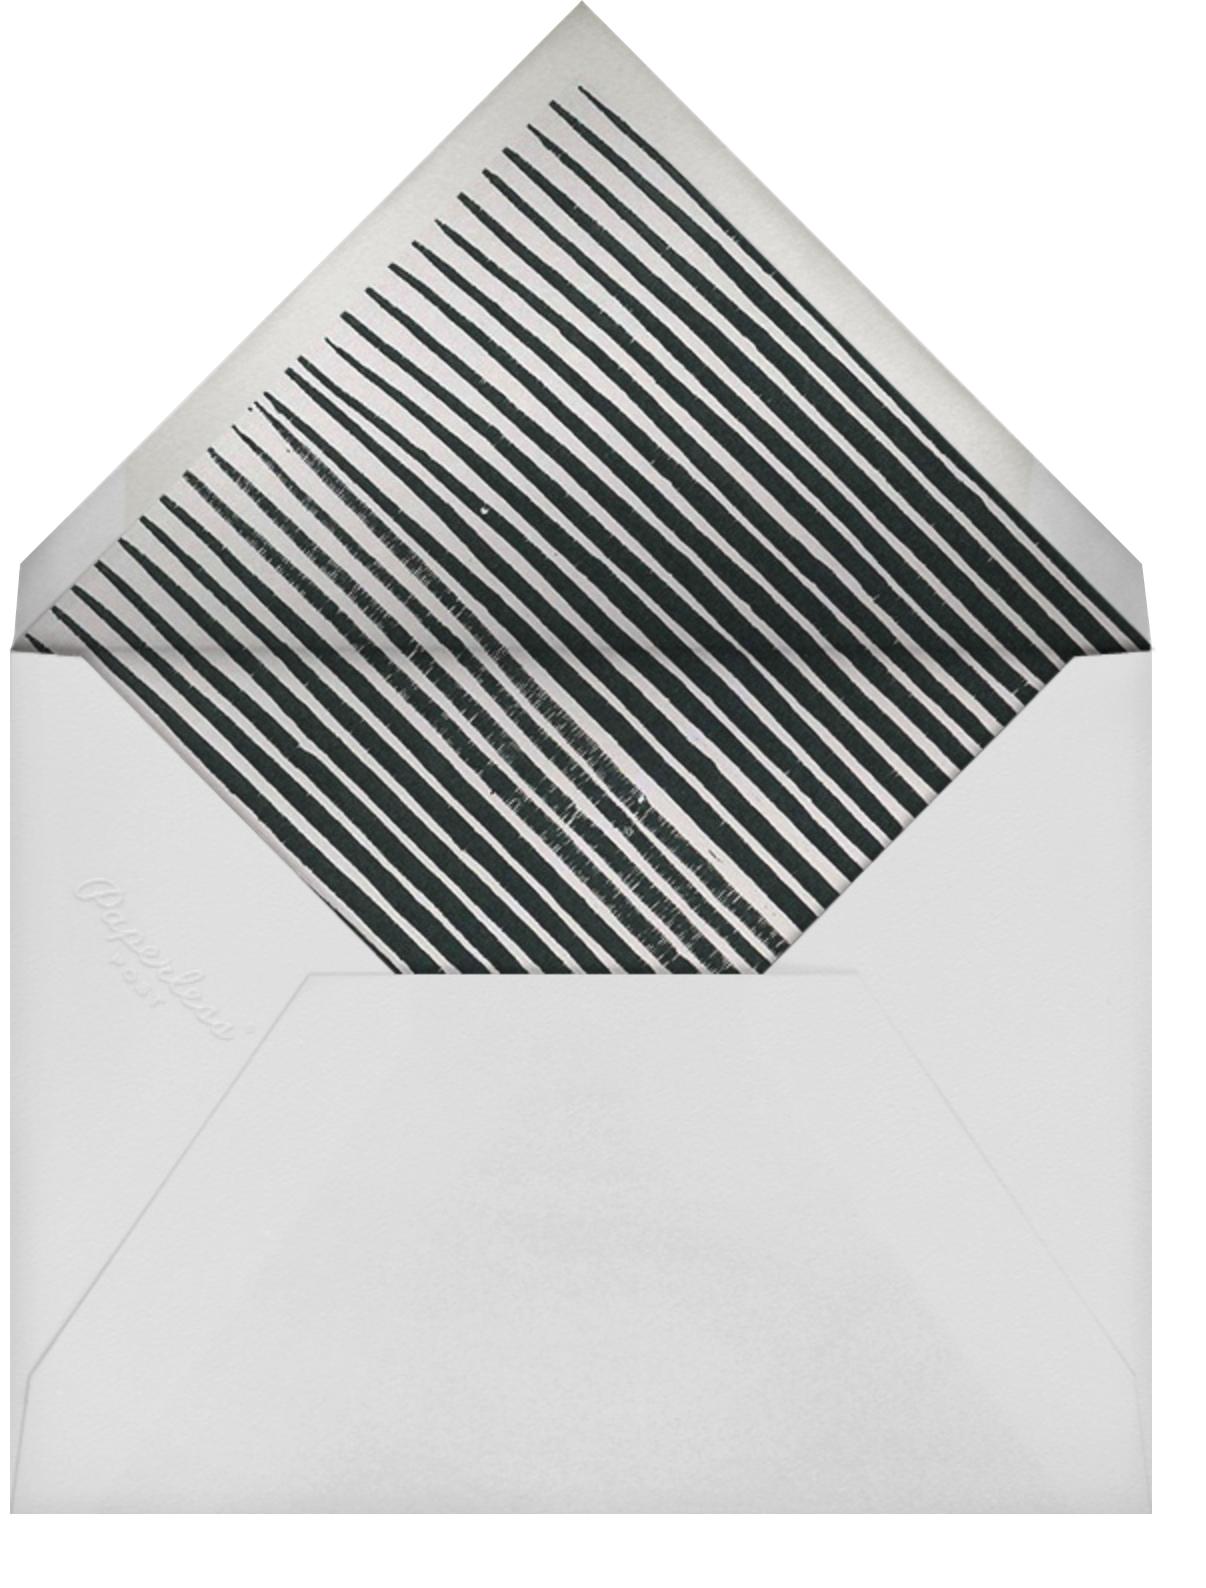 Fette (Photo) - Gold/White - Kelly Wearstler - Adult birthday - envelope back